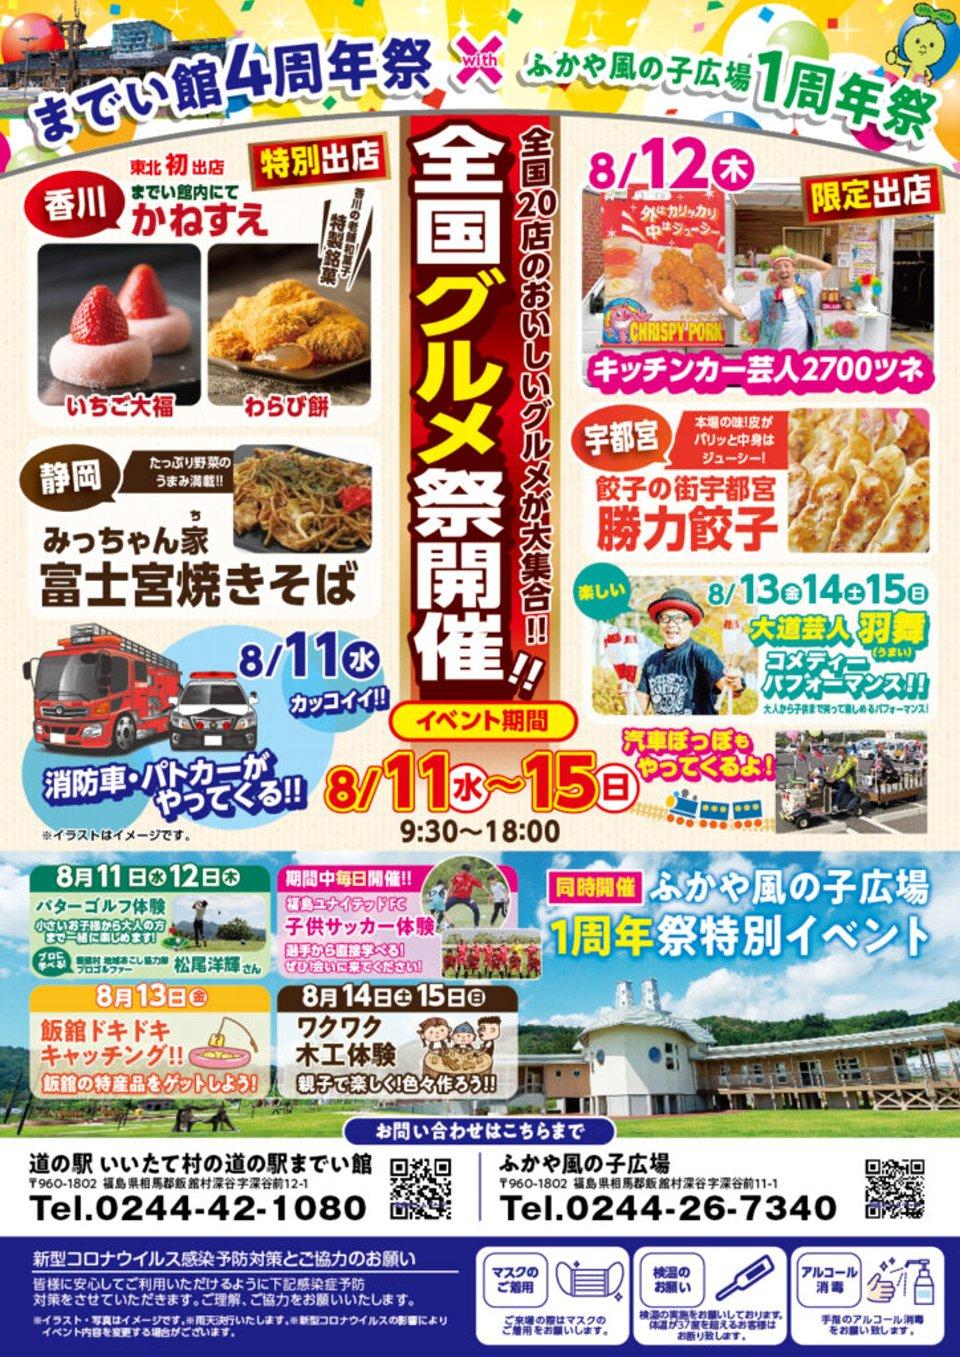 【飯舘村】までい館・風の子広場周年祭 @ 道の駅 いいたて村の道の駅までい館